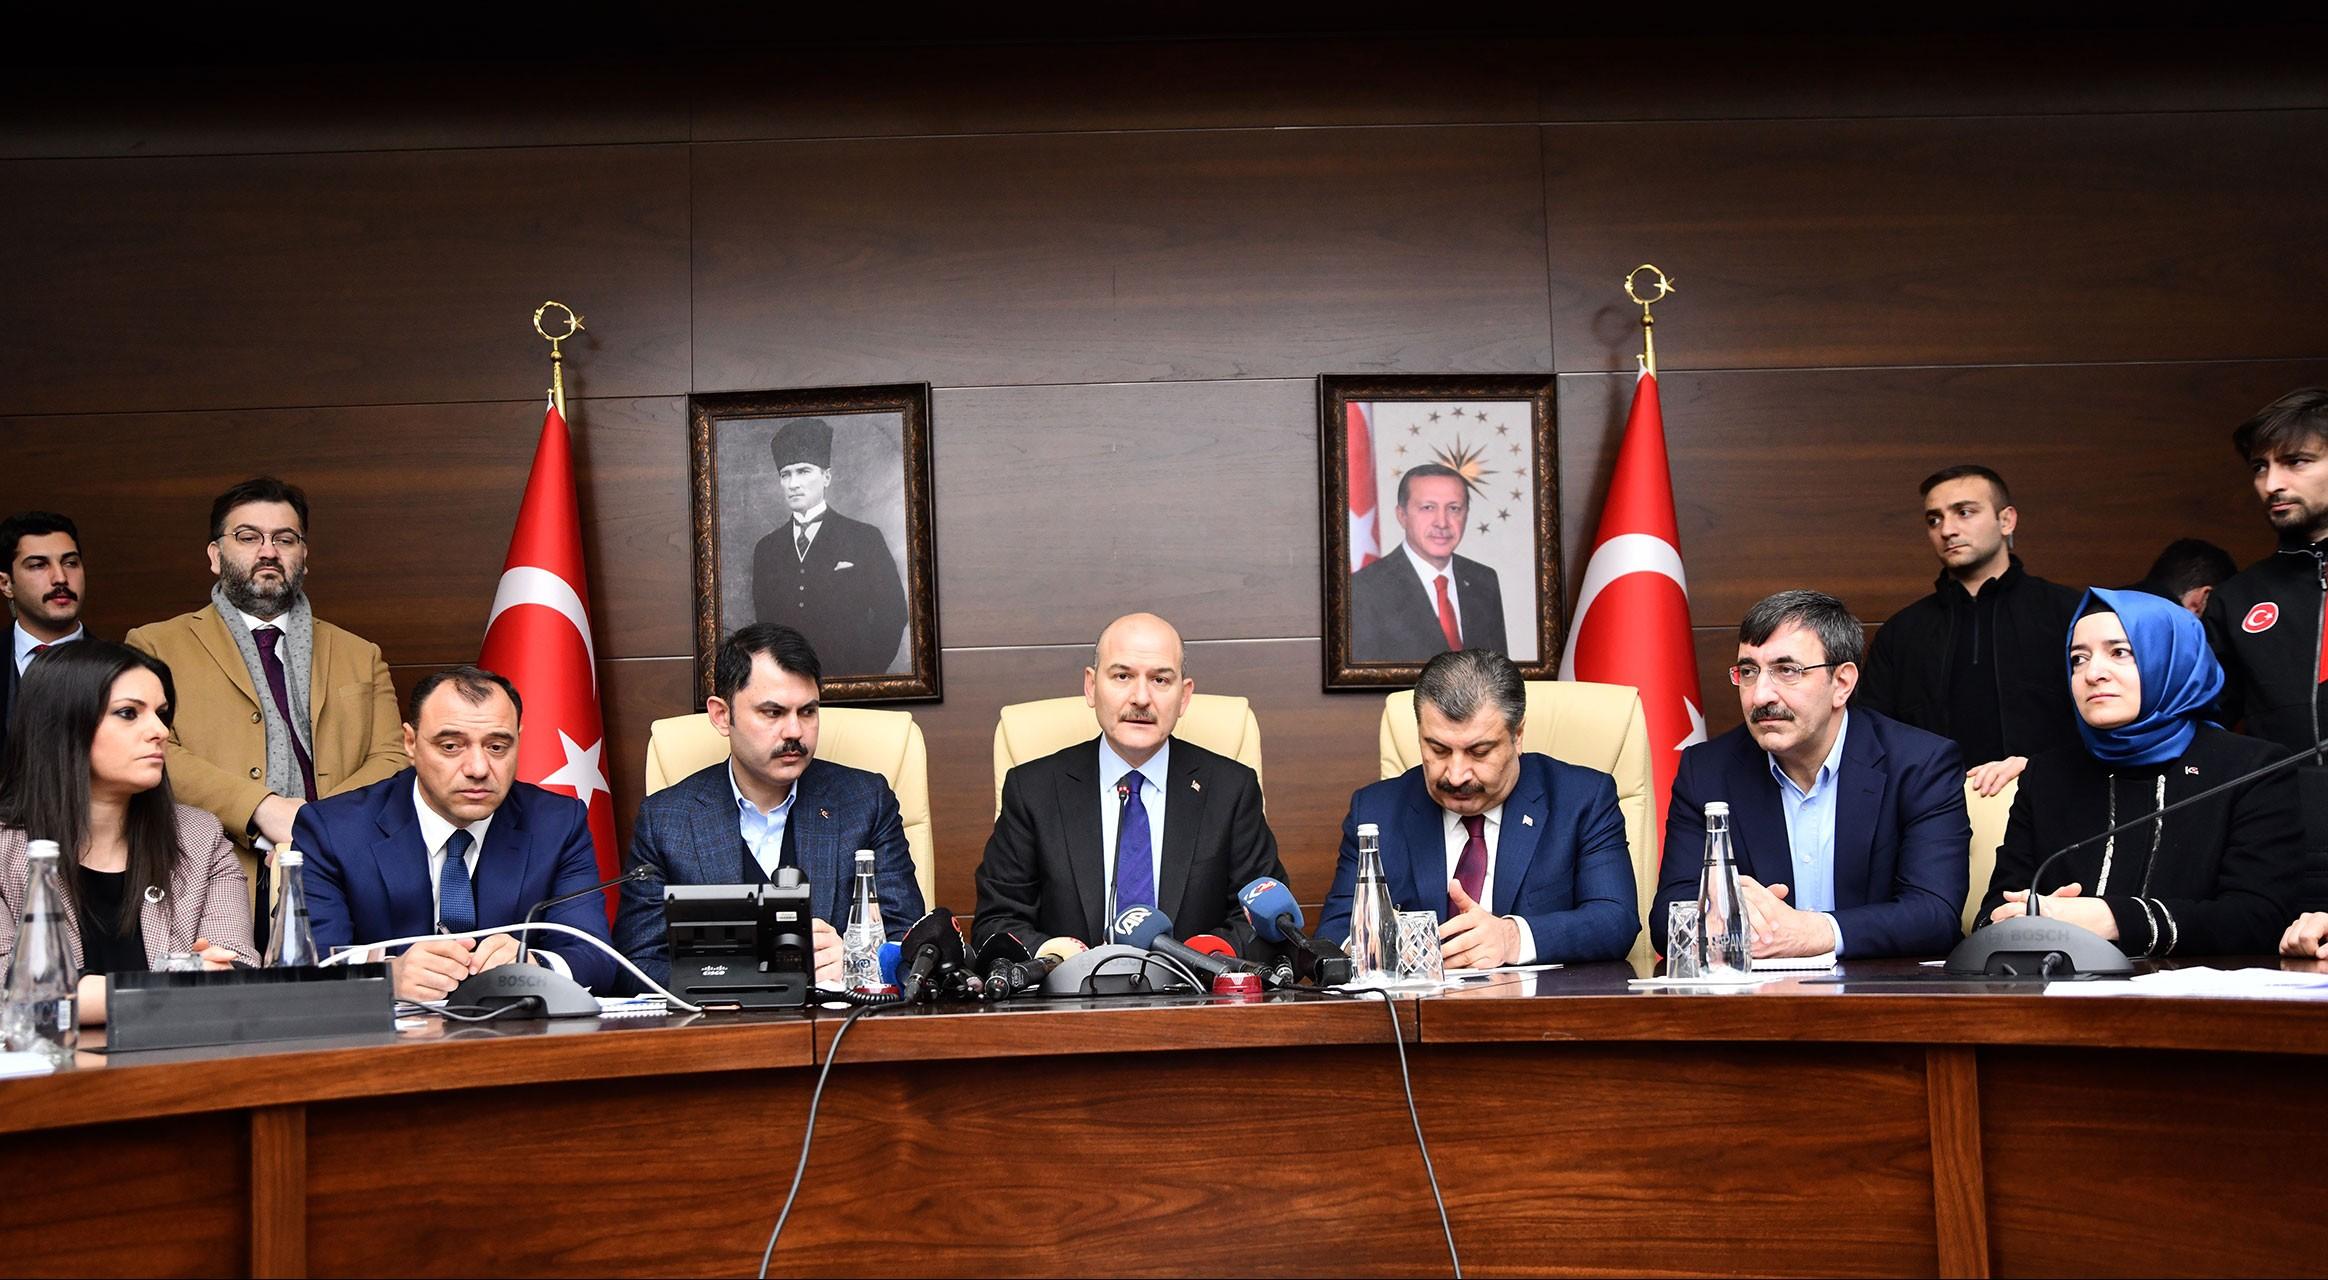 İçişleri Bakanı Süleyman Soylu (ortada), Sağlık Bakanı Fahrettin Koca (sağ 3) ve Çevre ve Şehircilik Bakanı Murat Kurum (sol 3), Elazığ Valiliğinde basın toplantısı düzenledi.